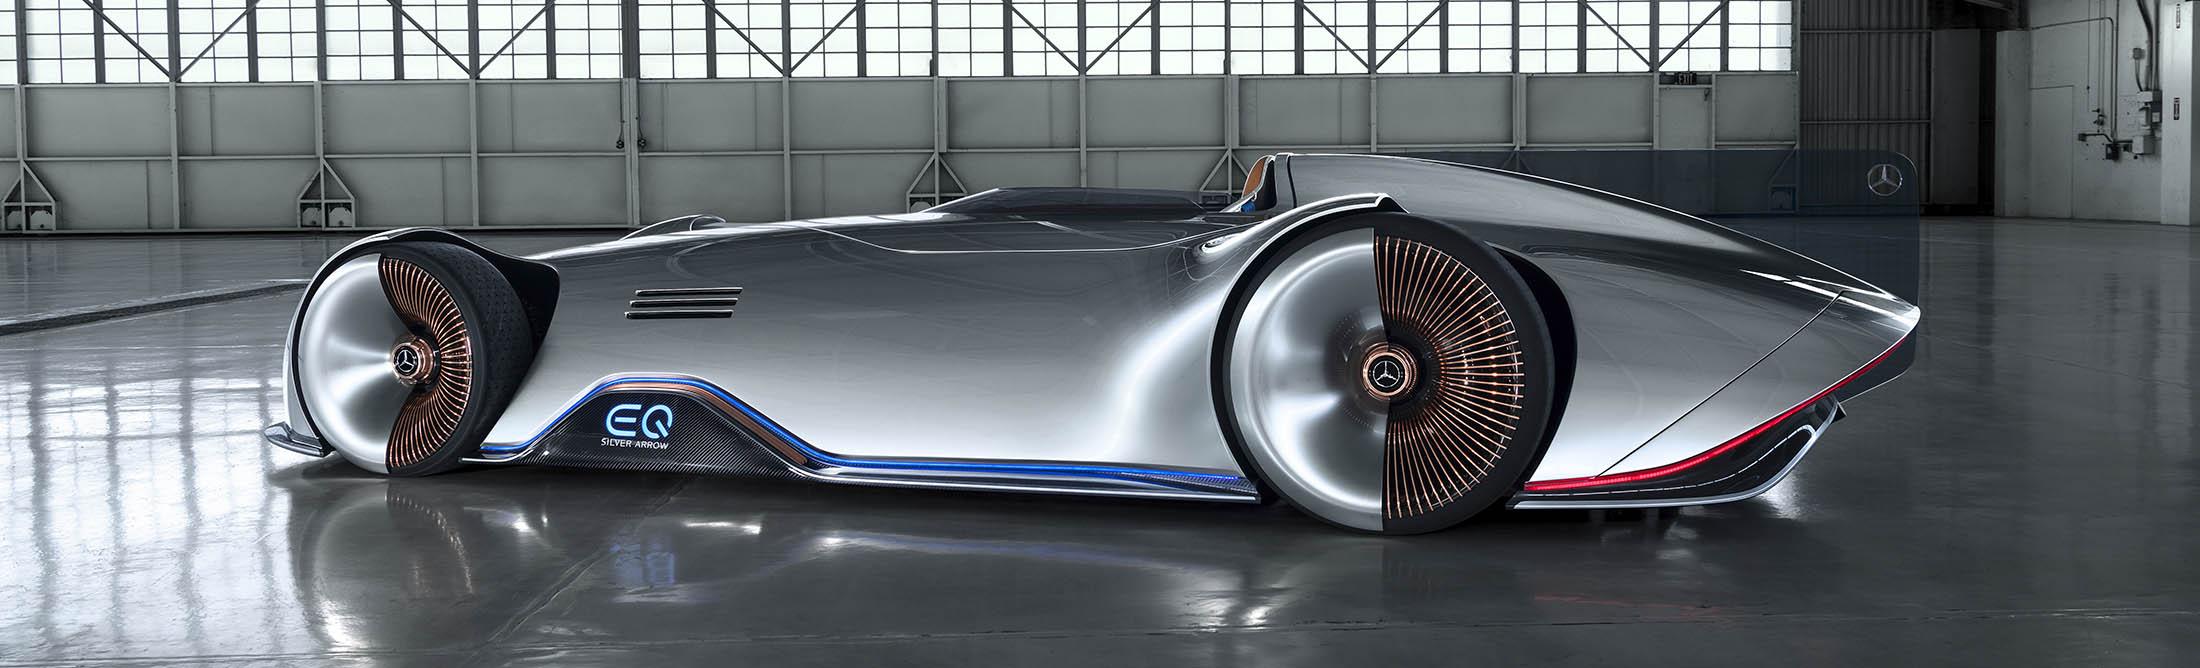 Mercedes New Concept Car Eq Silver Arrow Bloomberg